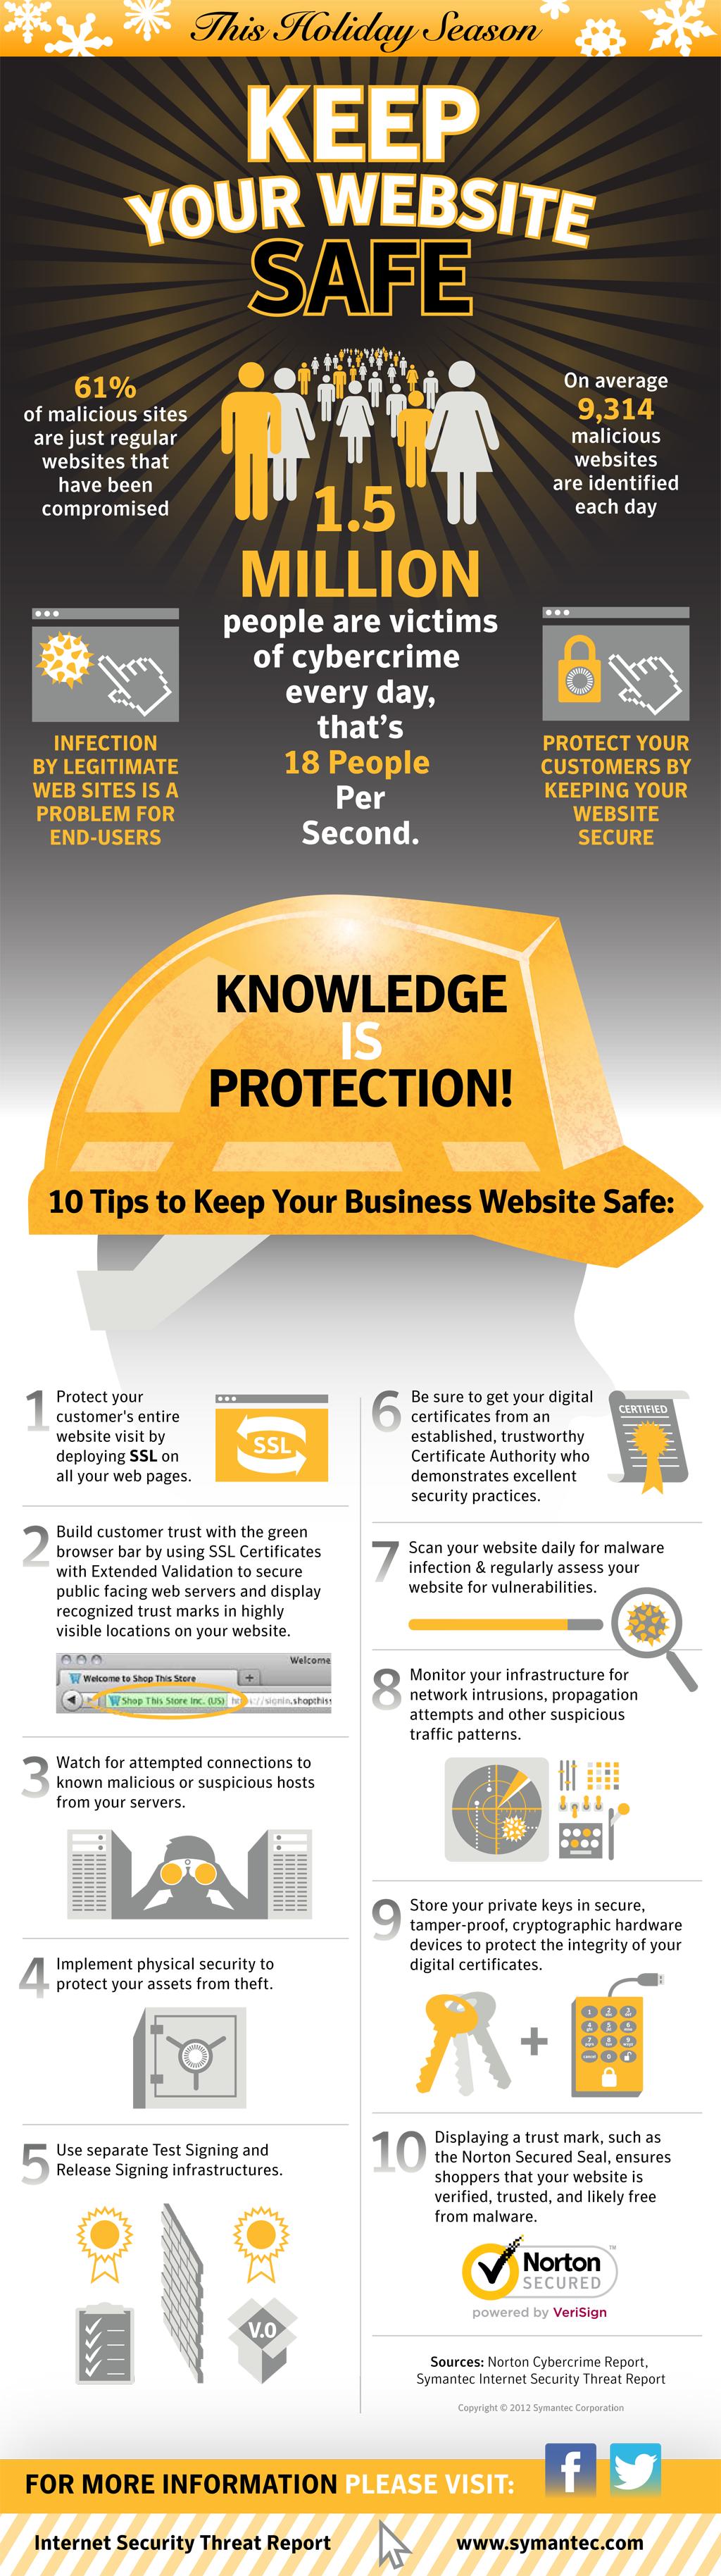 10 consejos para mantener tu sitio web seguro estas navidades 52